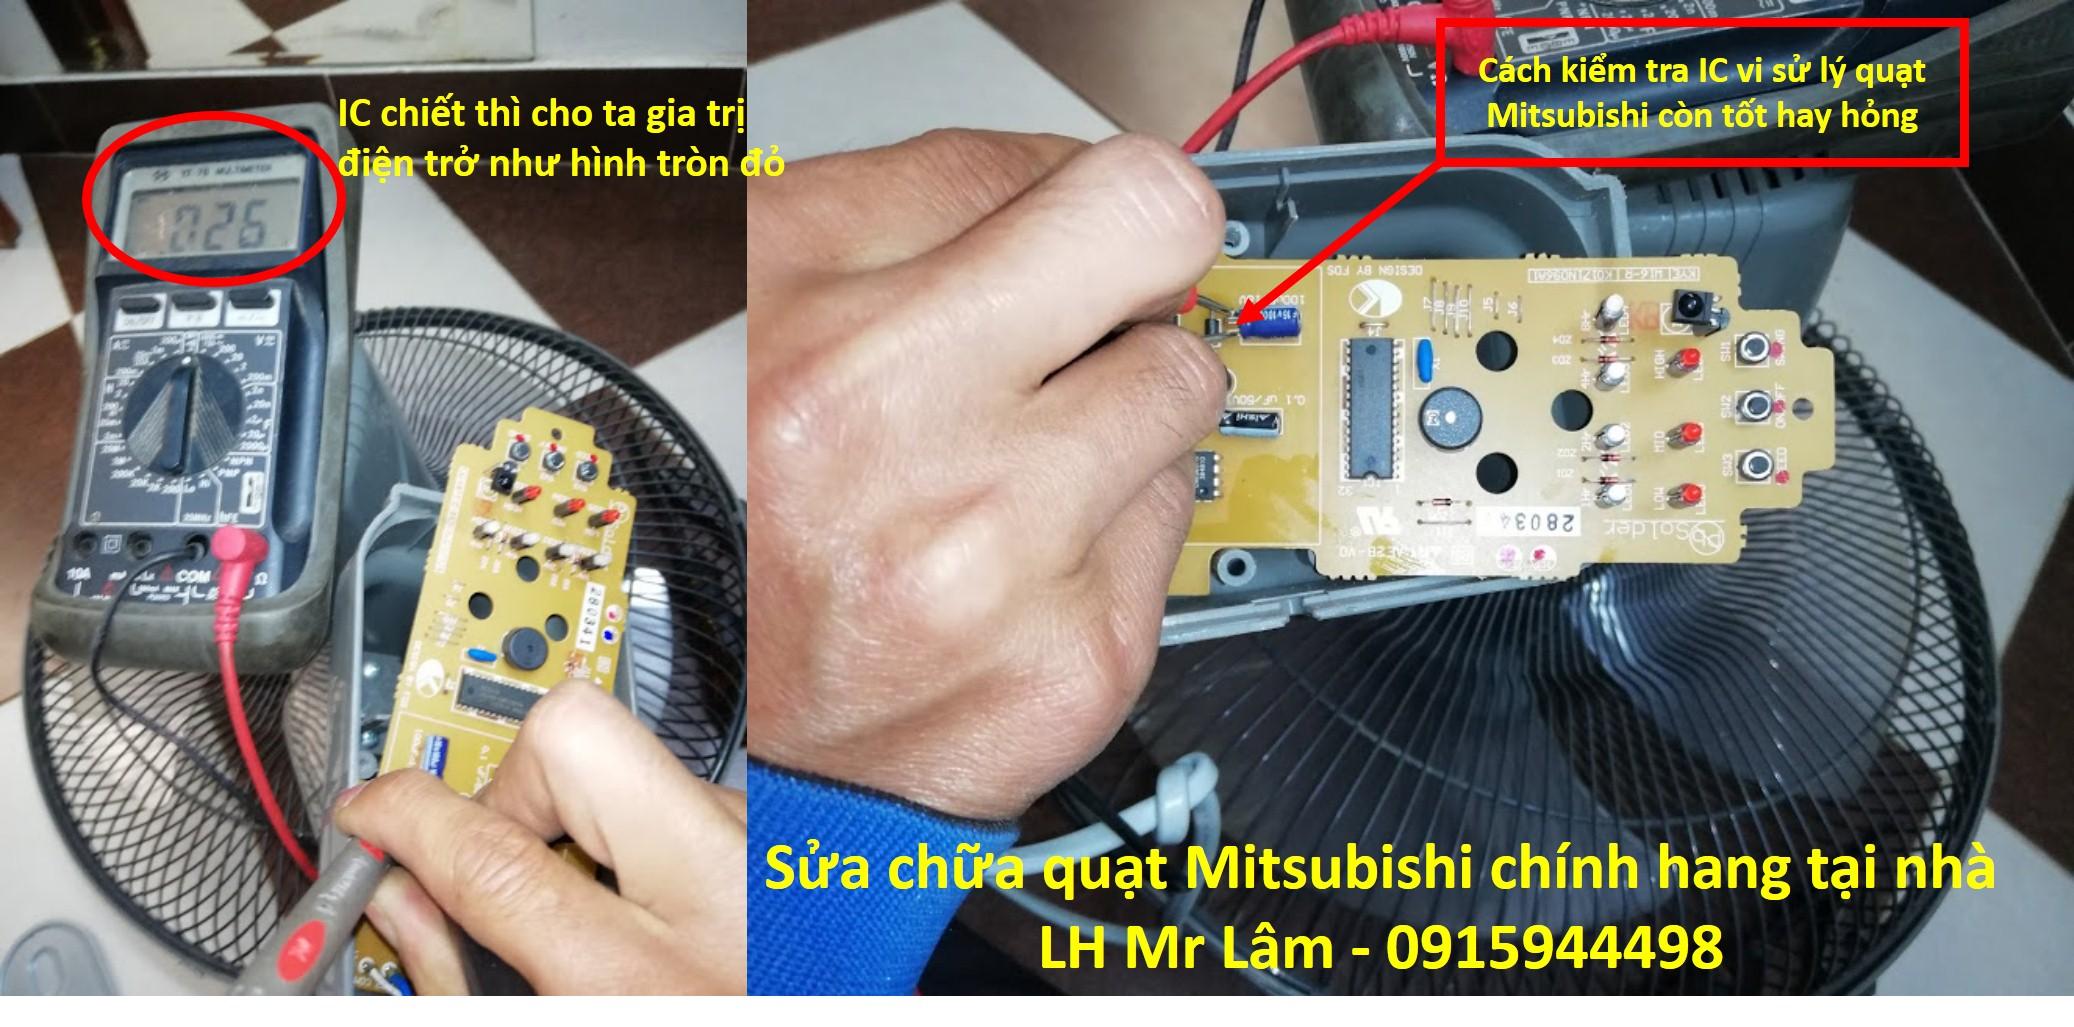 Cách kiểm tra IC quạt Mitsubishi còn tốt hay hỏng